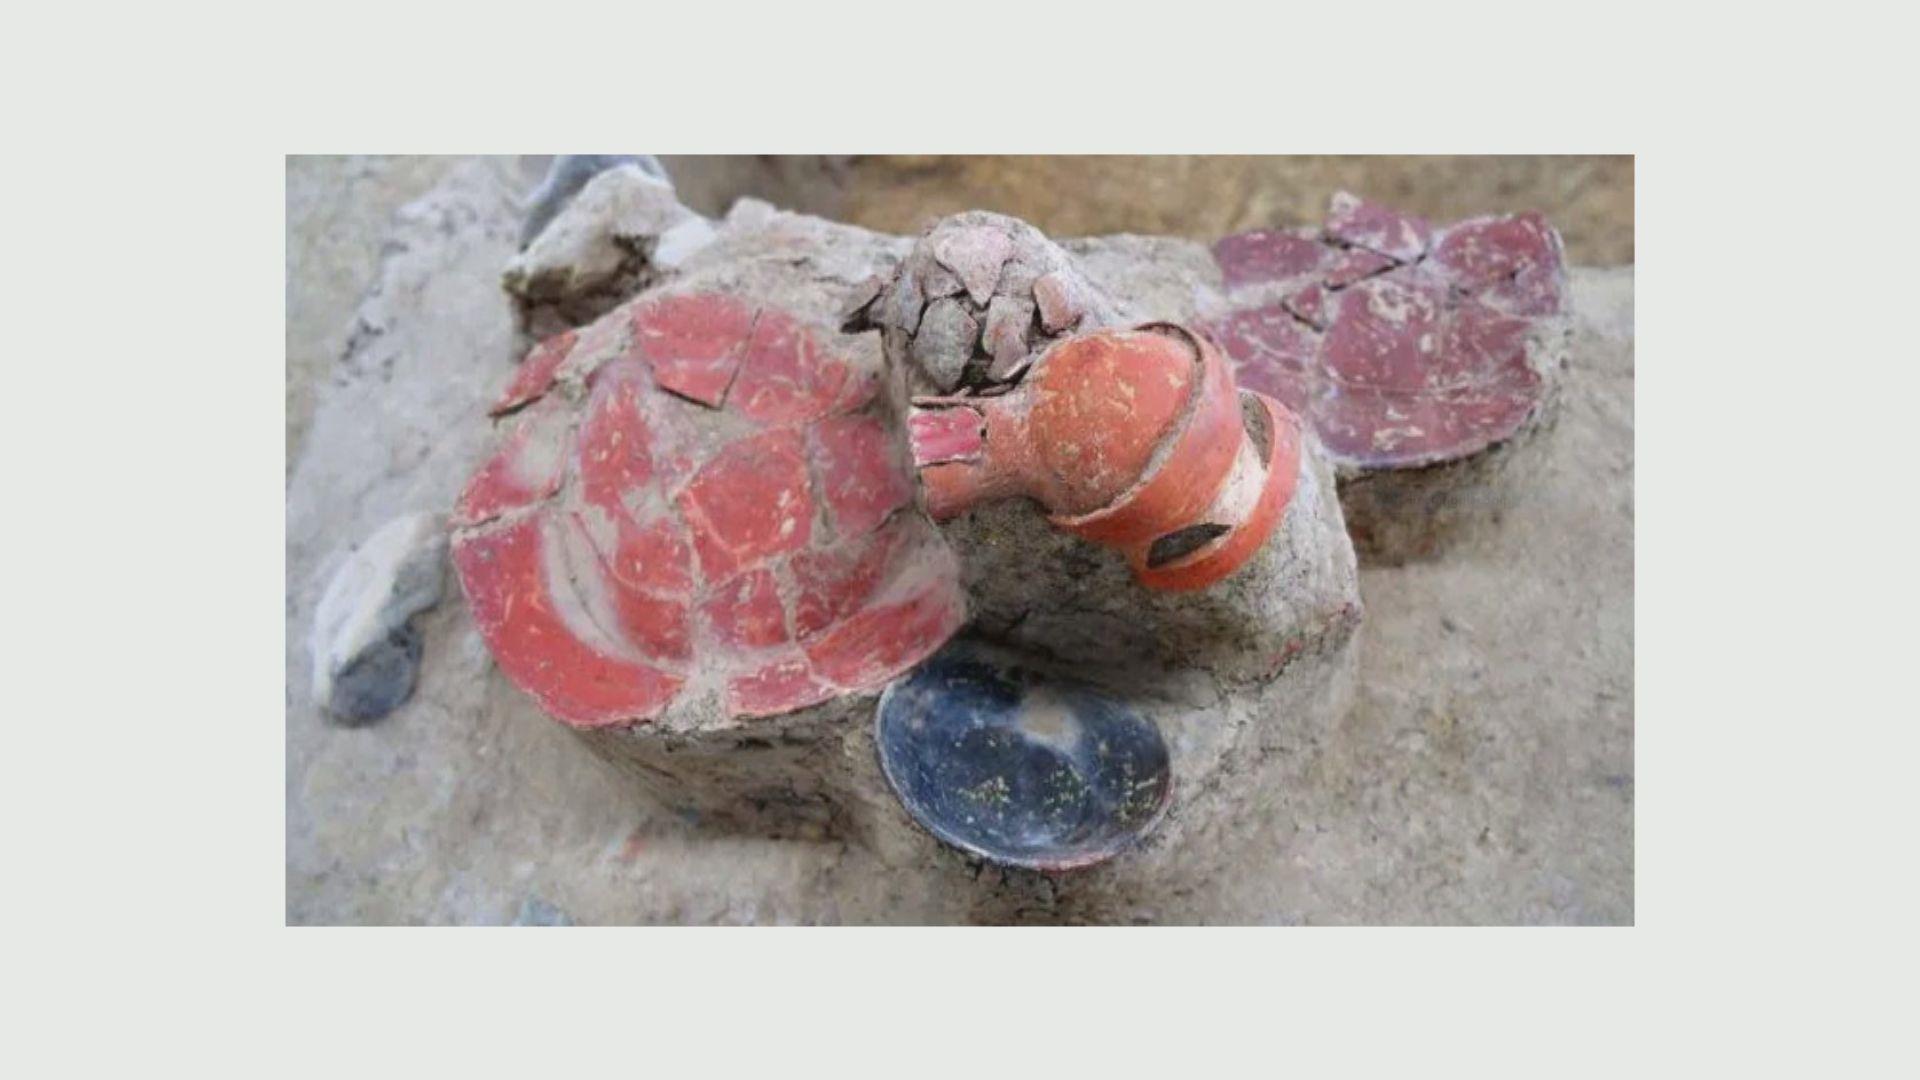 【環球薈報】浙江義烏遺址出土陶器發現中國南方人九千年前喝啤酒證據